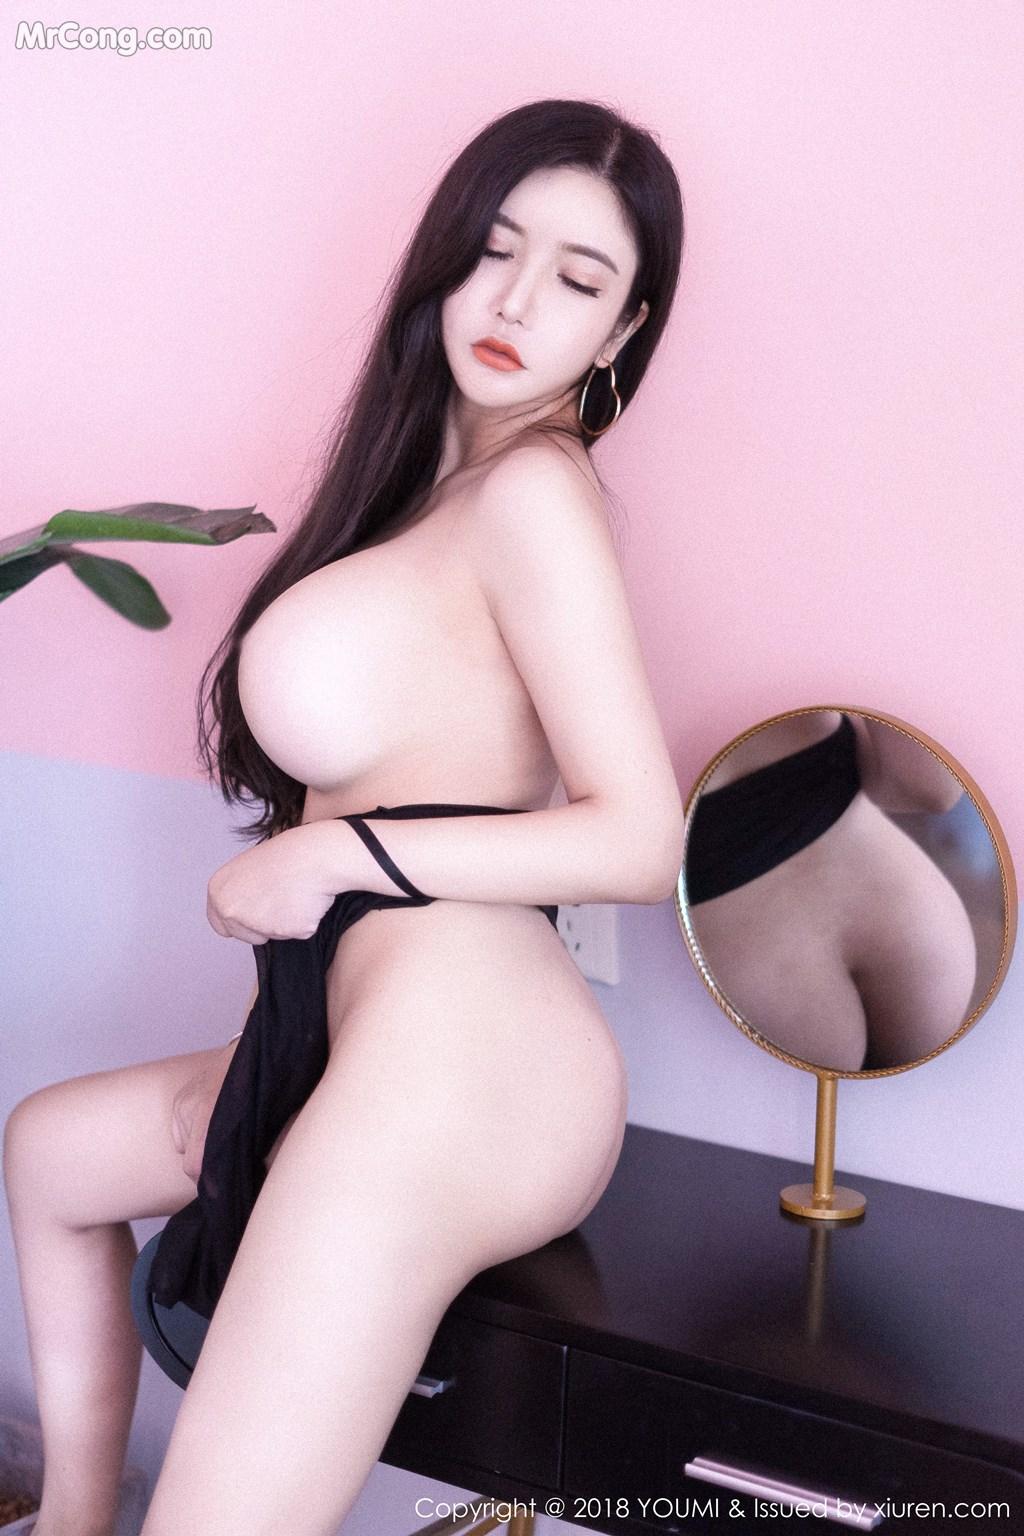 Image YouMi-Vol.222-MrCong.com-009 in post YouMi Vol.222: Người mẫu 心妍小公主 (45 ảnh)